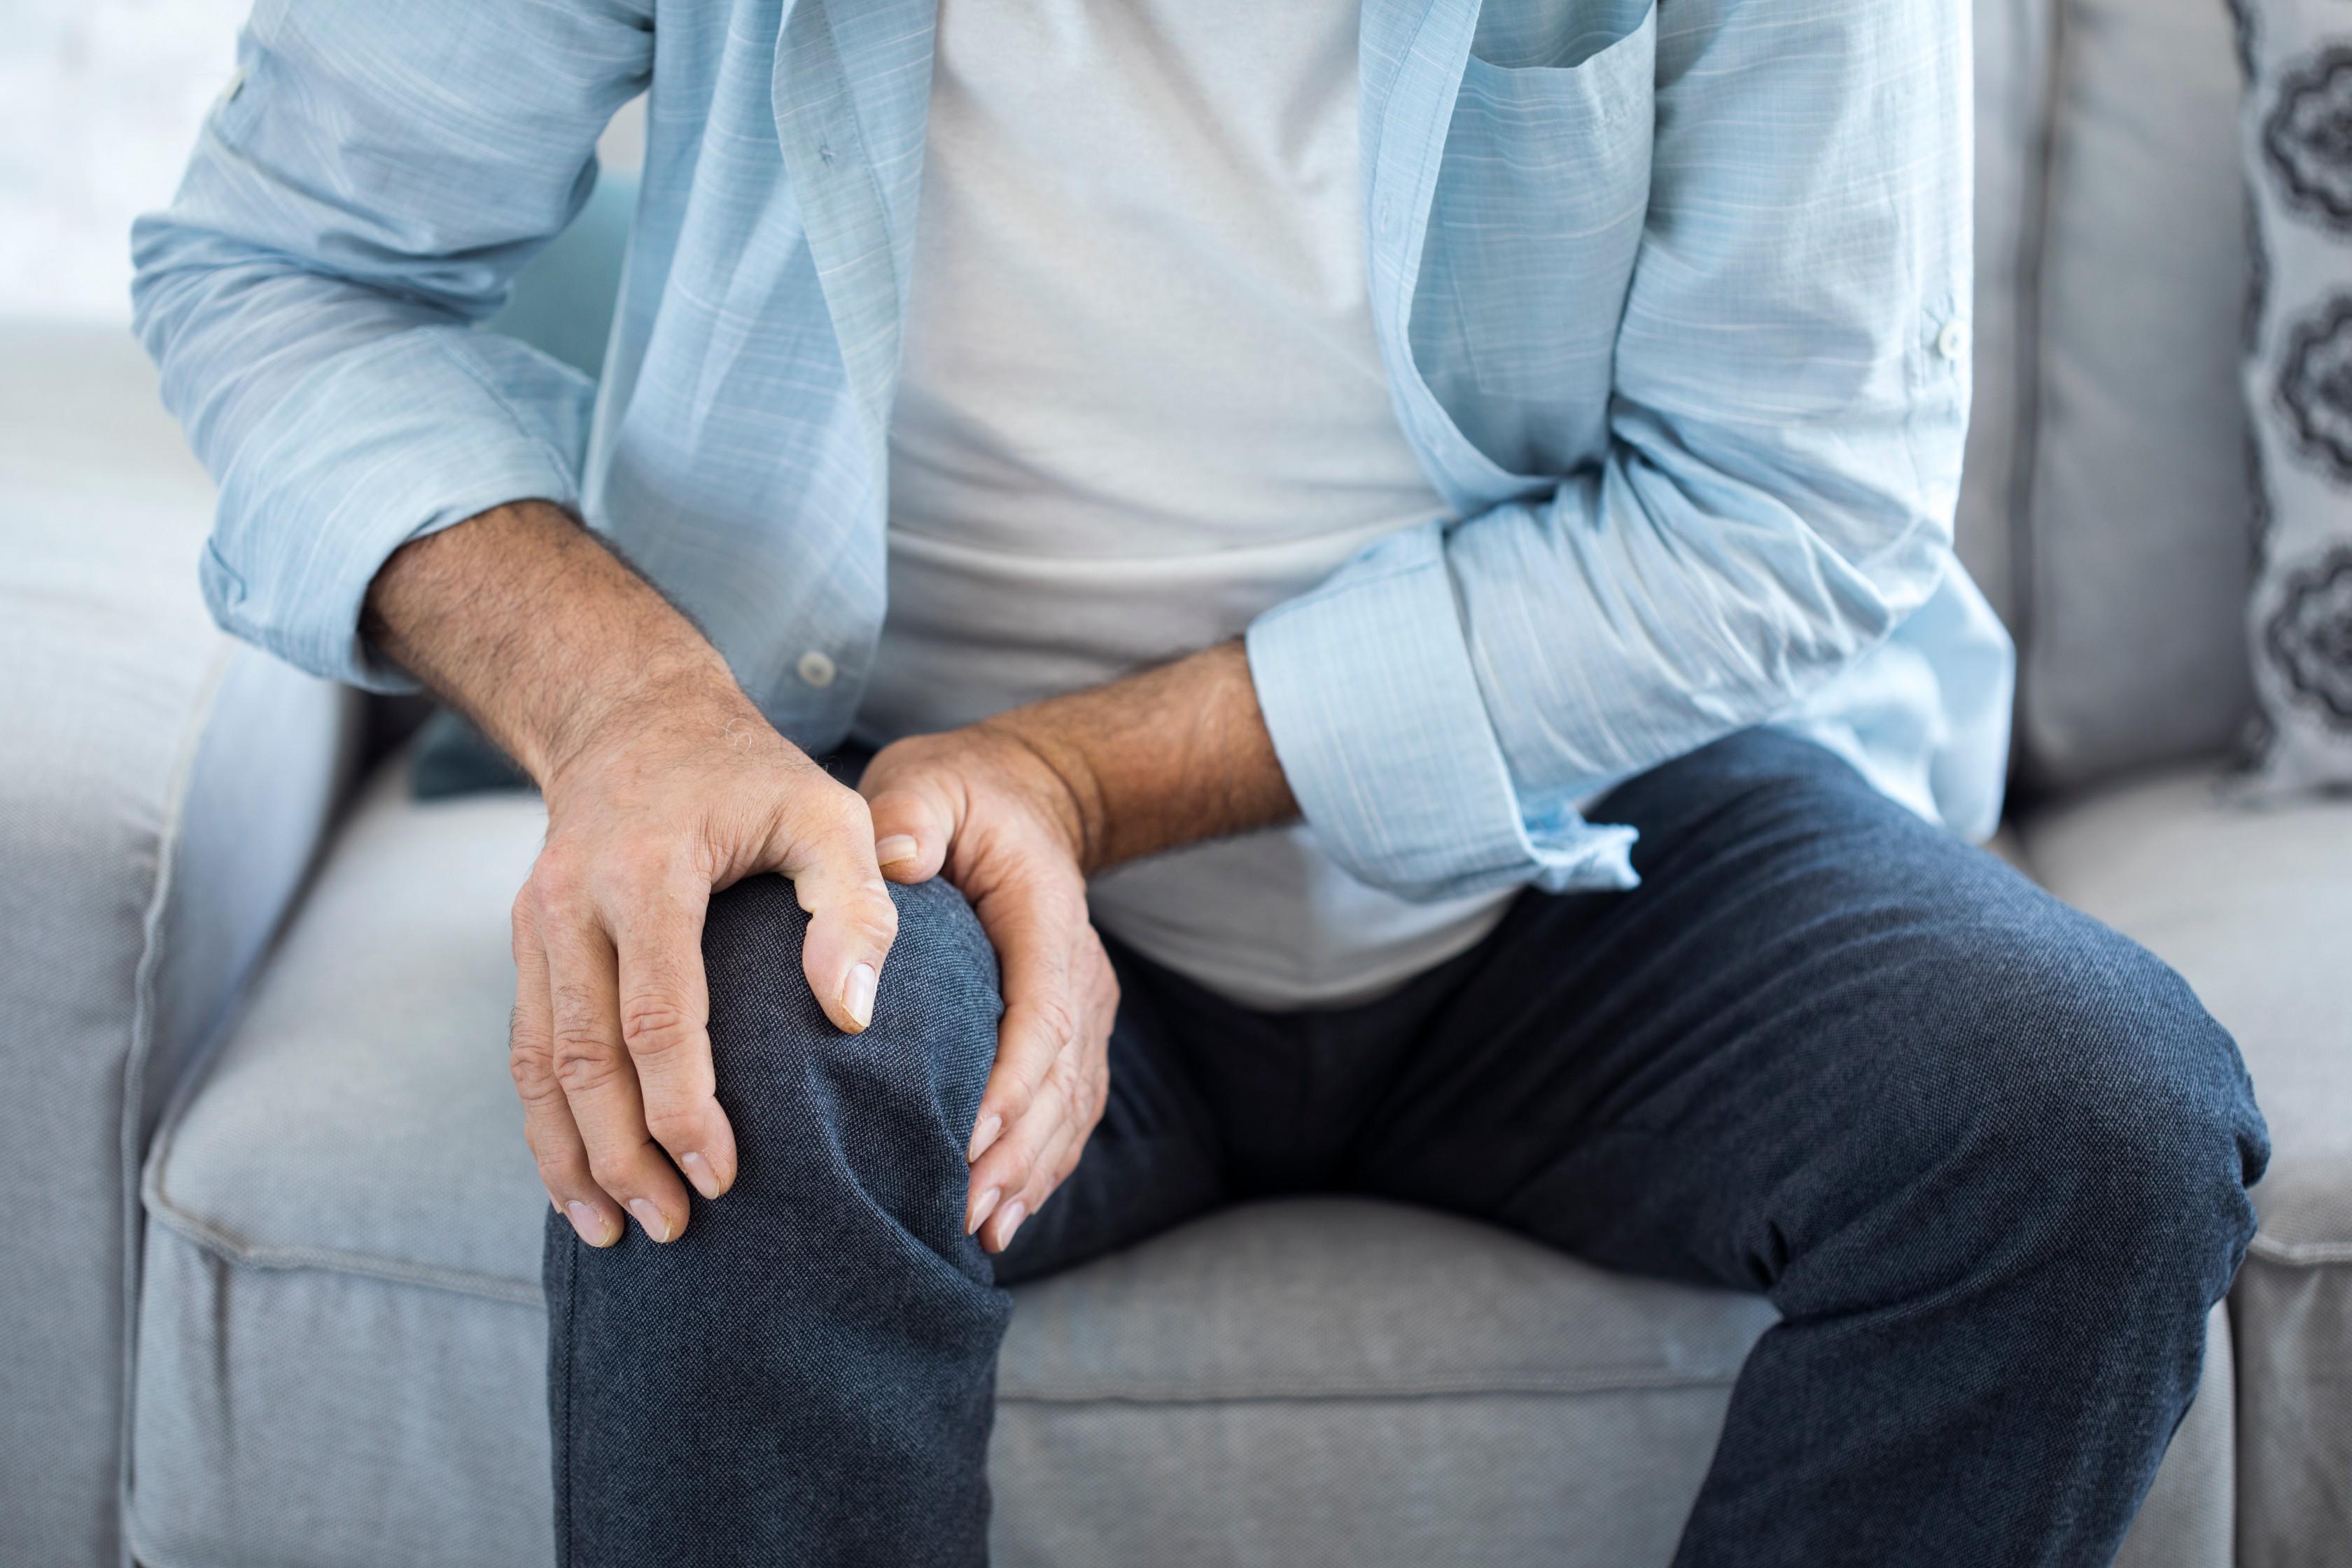 Súlyos veszélyben vannak az irodai dolgozók: az egészségük forog kockán